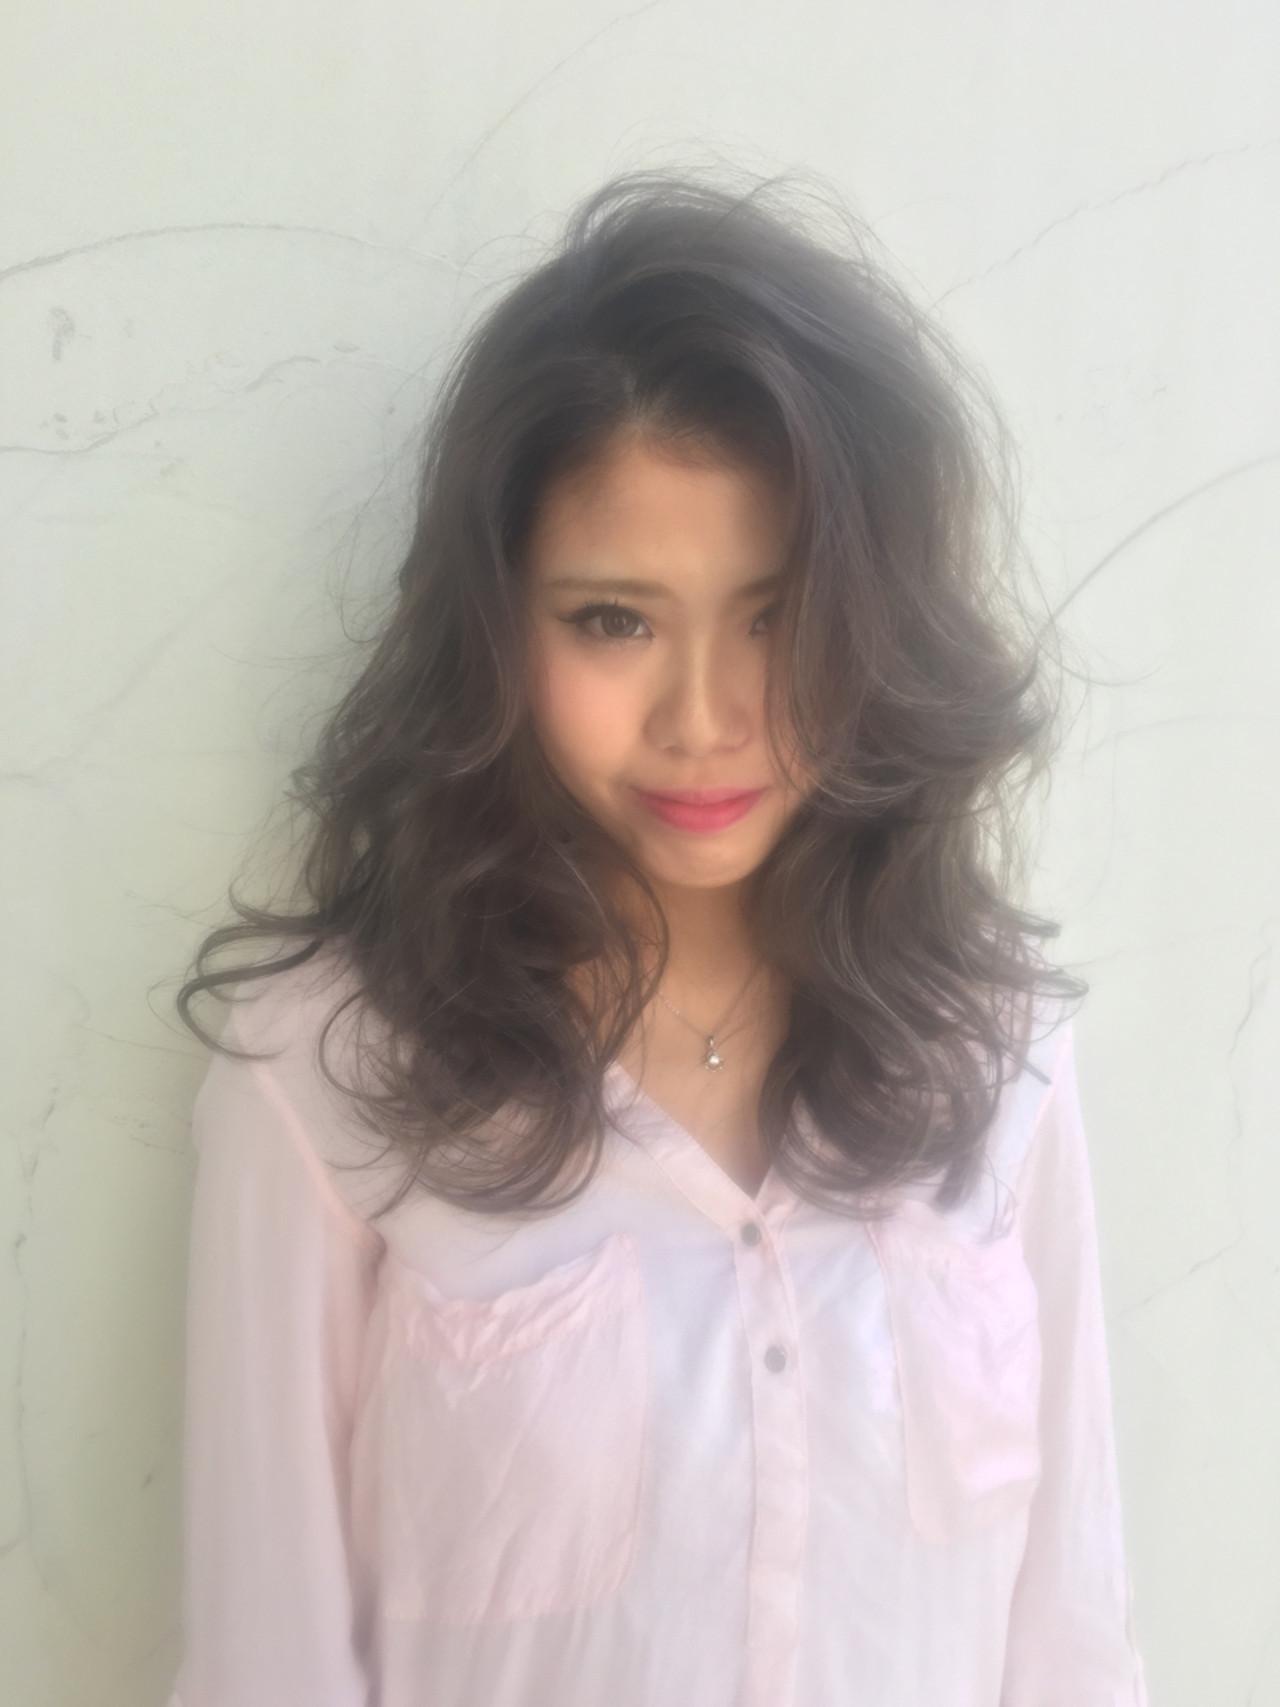 外国人風 セミロング 渋谷系 ハイライト ヘアスタイルや髪型の写真・画像 | 橋口 武史 RBY blanc / RBY blanc